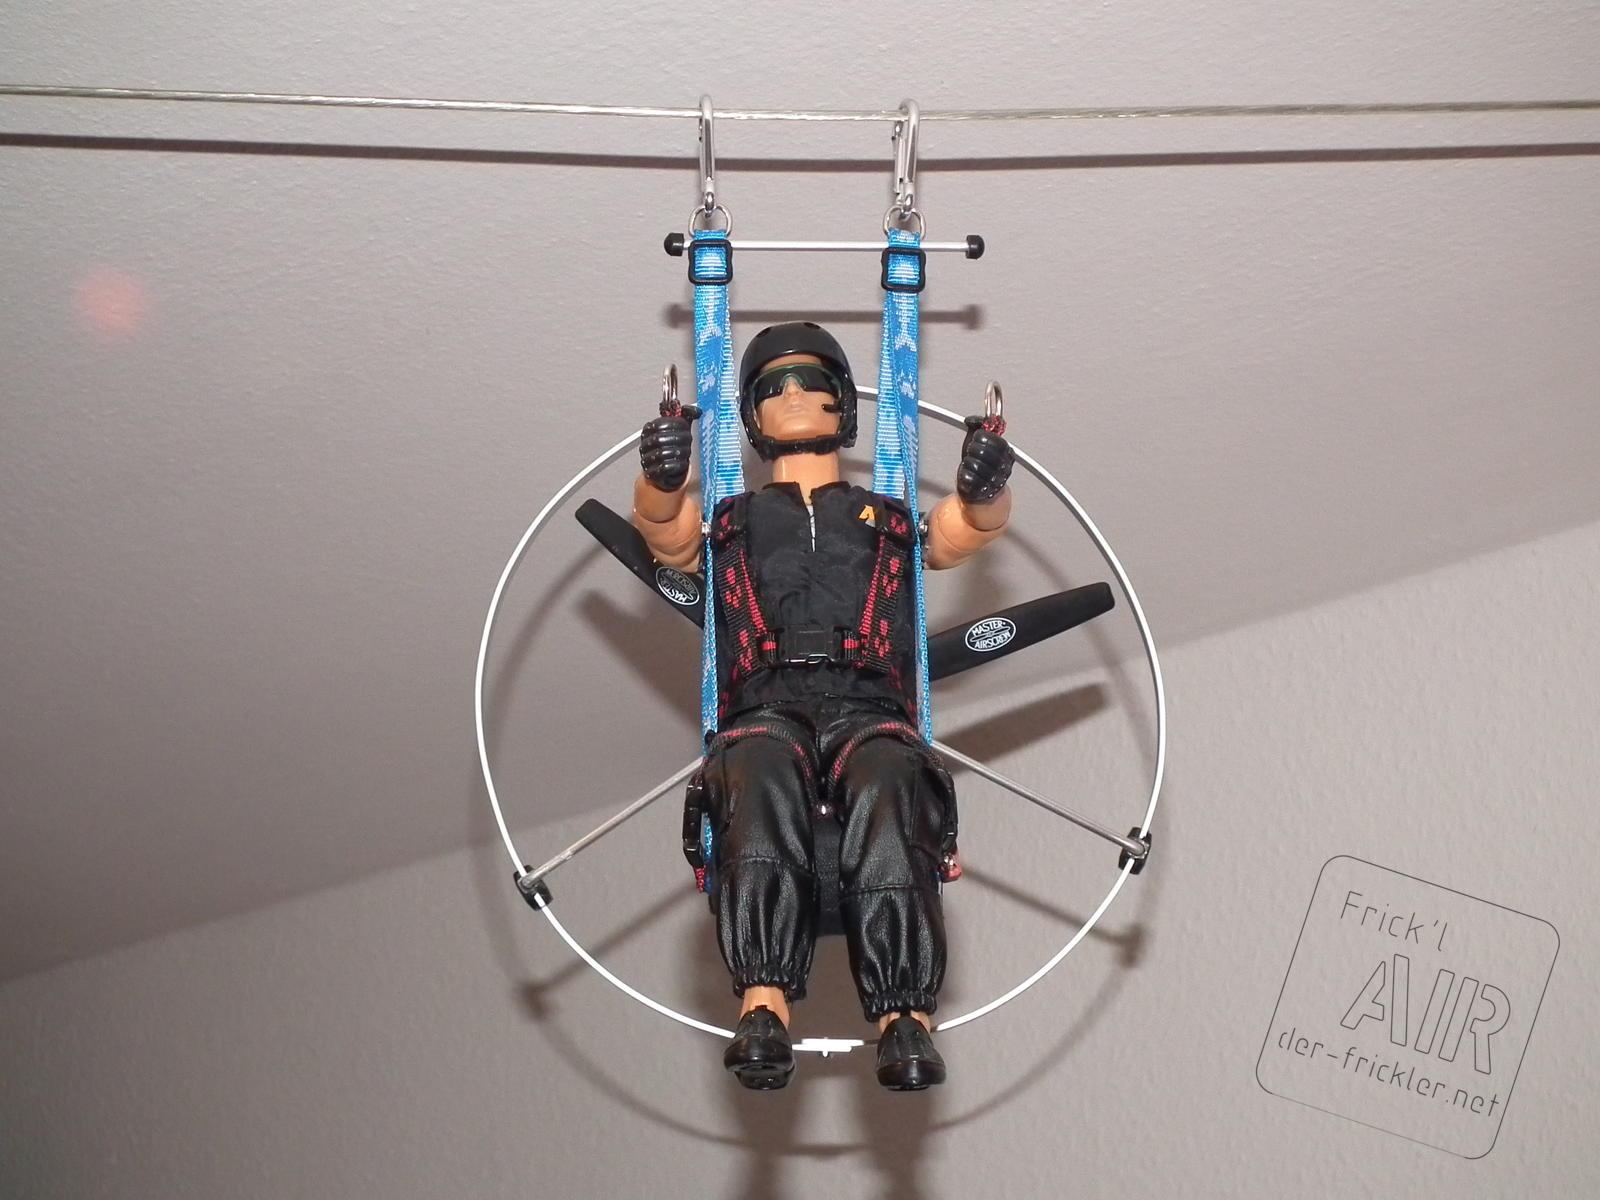 Paraglider [der-frickler.net]